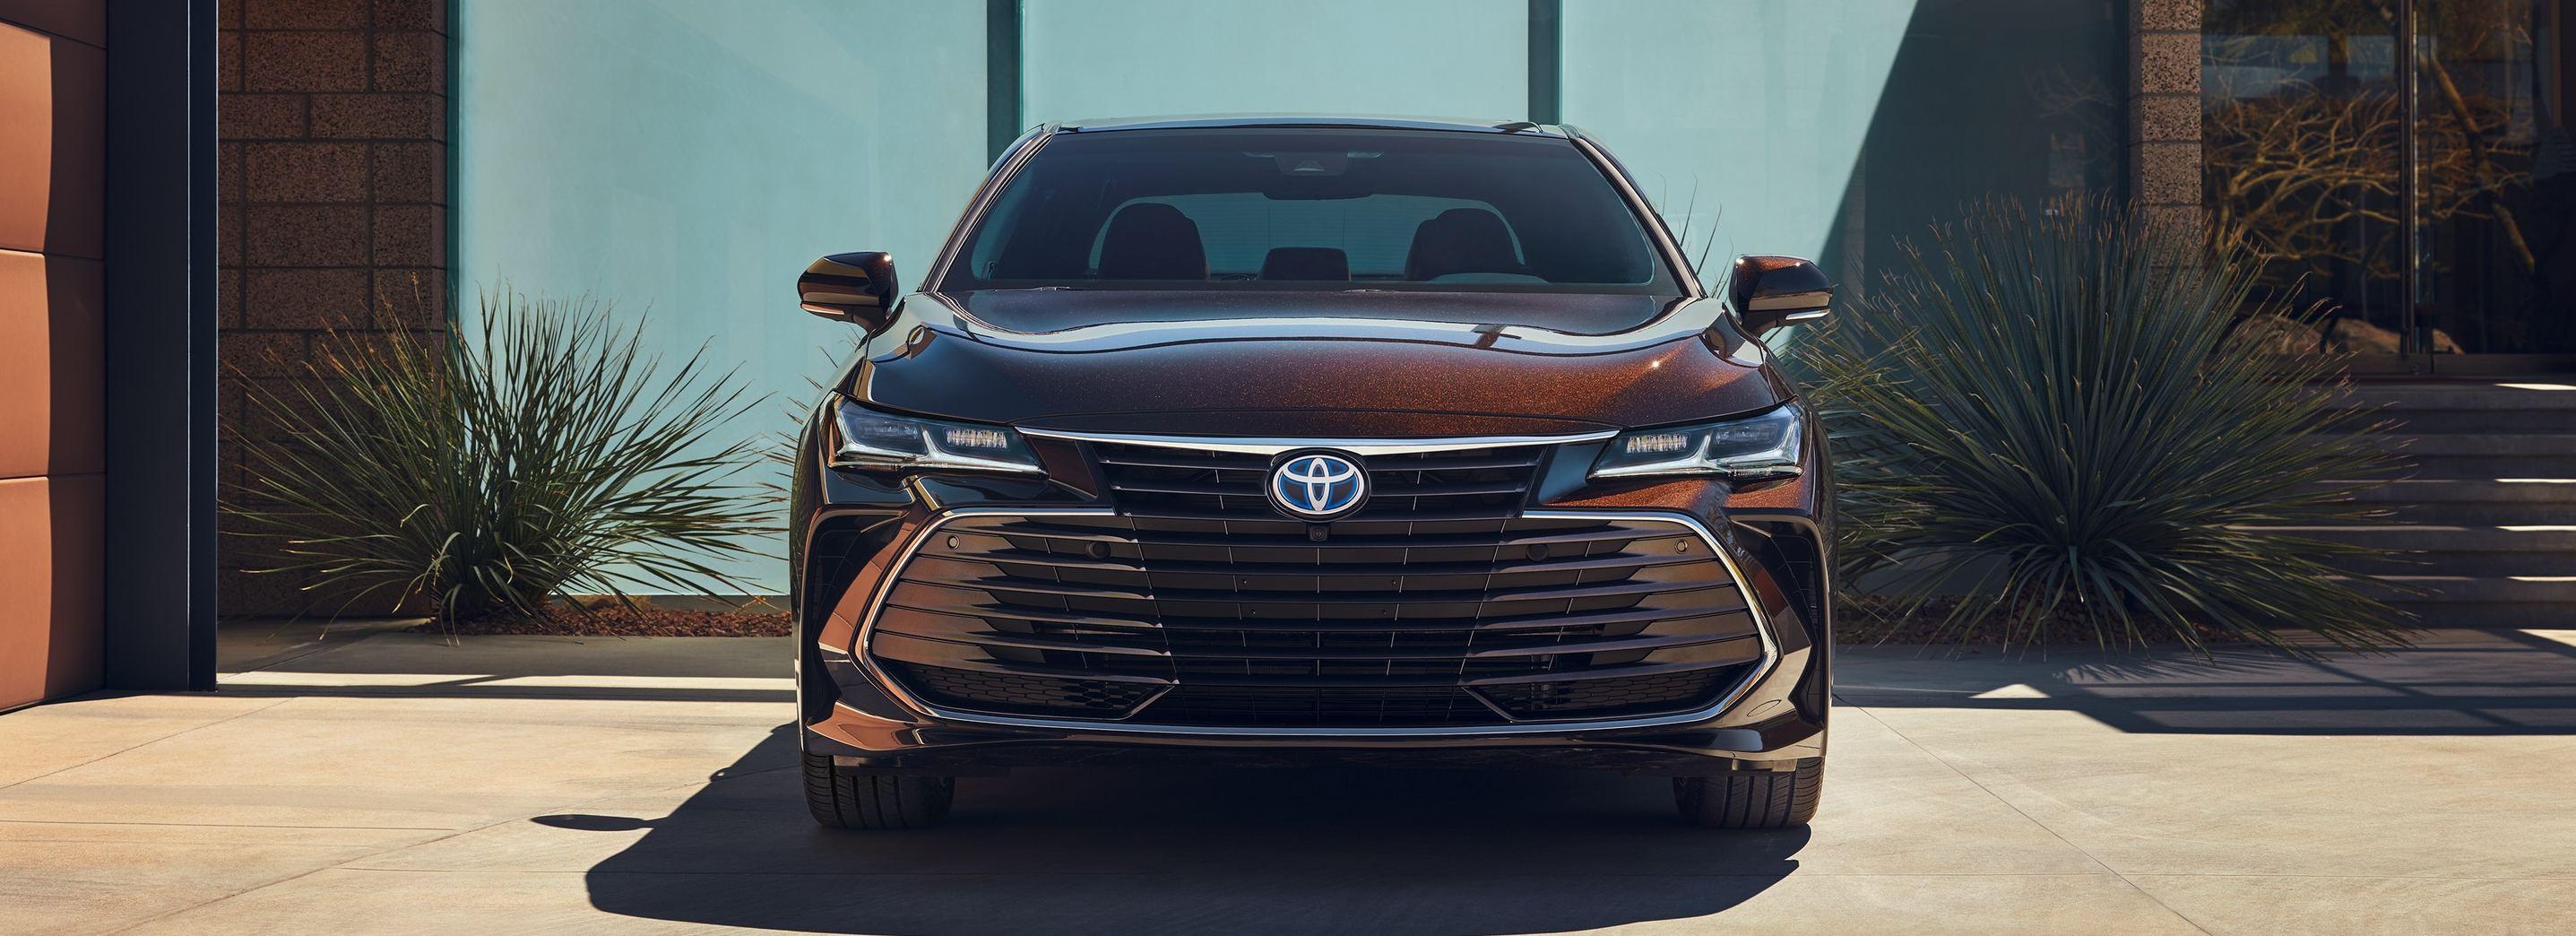 2020 Toyota Avalon Hybrid for Sale near Elmhurst, IL